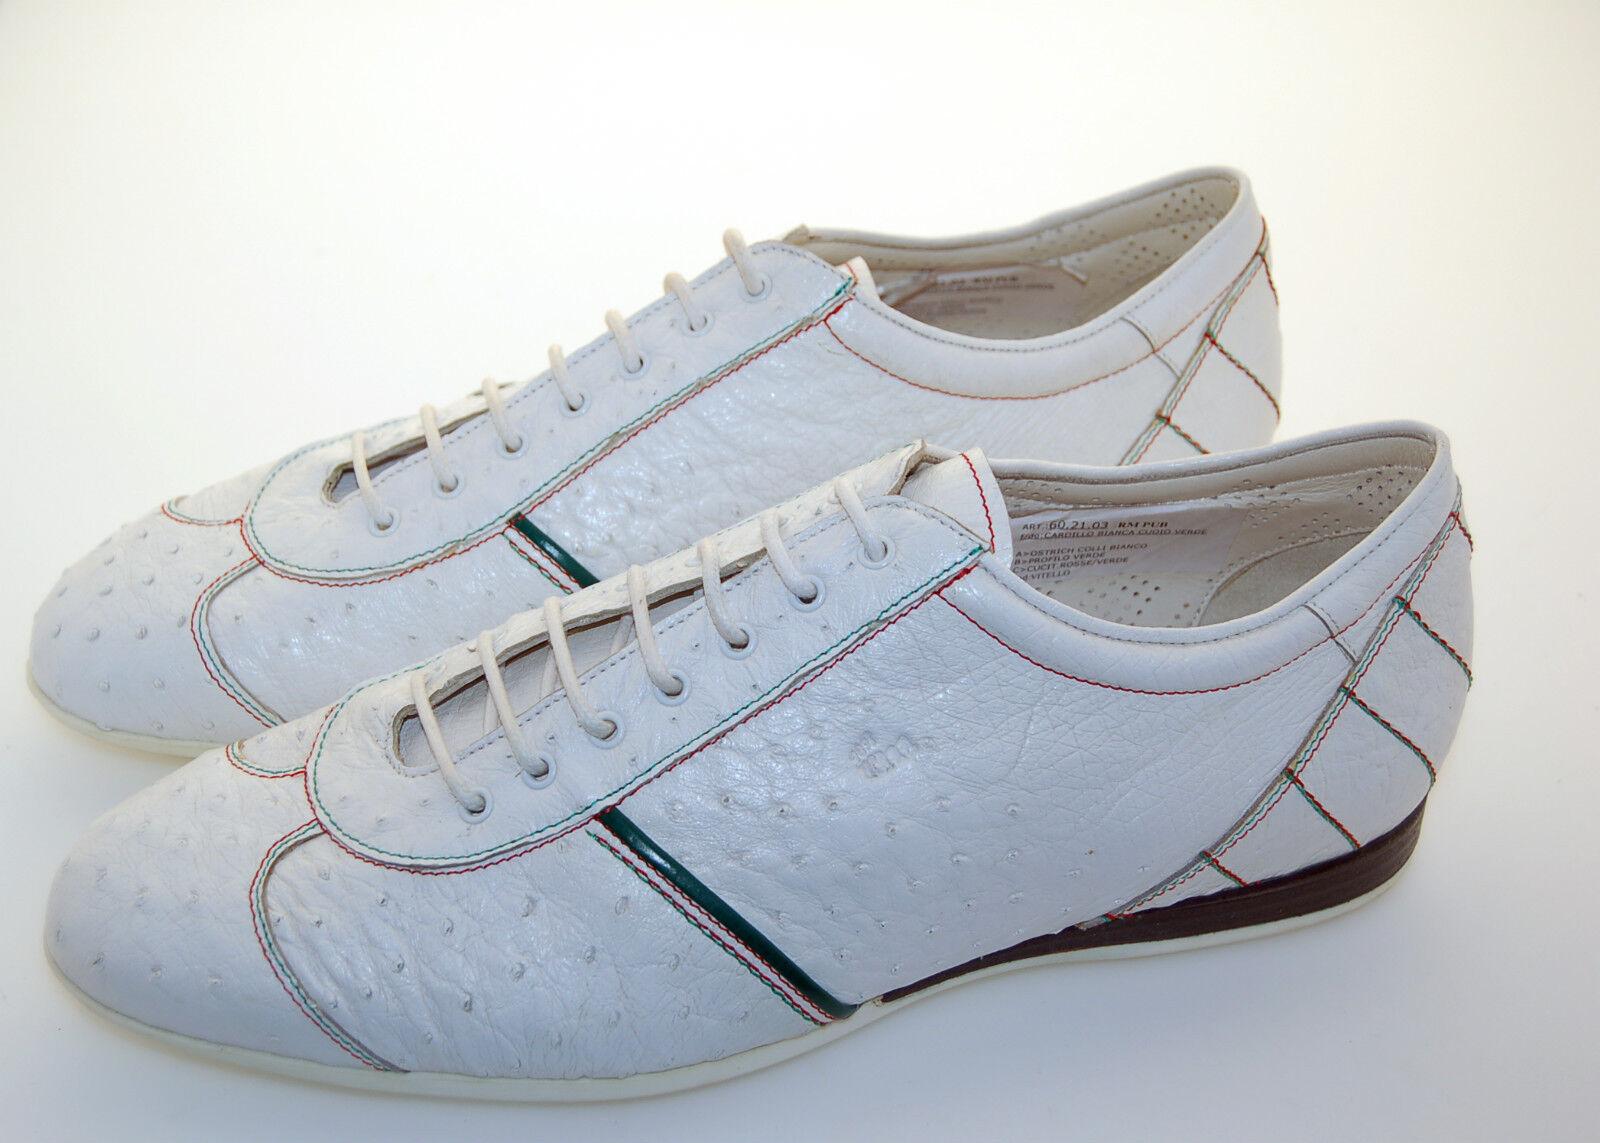 MAN scarpe da ginnastica - 8eu - - - 42 - bianca OSTRICH - STRUZZO BIANCO - RUB. SOLE - F.DO GOMMA | Lascia che i nostri beni escano nel mondo  | Uomini/Donna Scarpa  b8e7f8